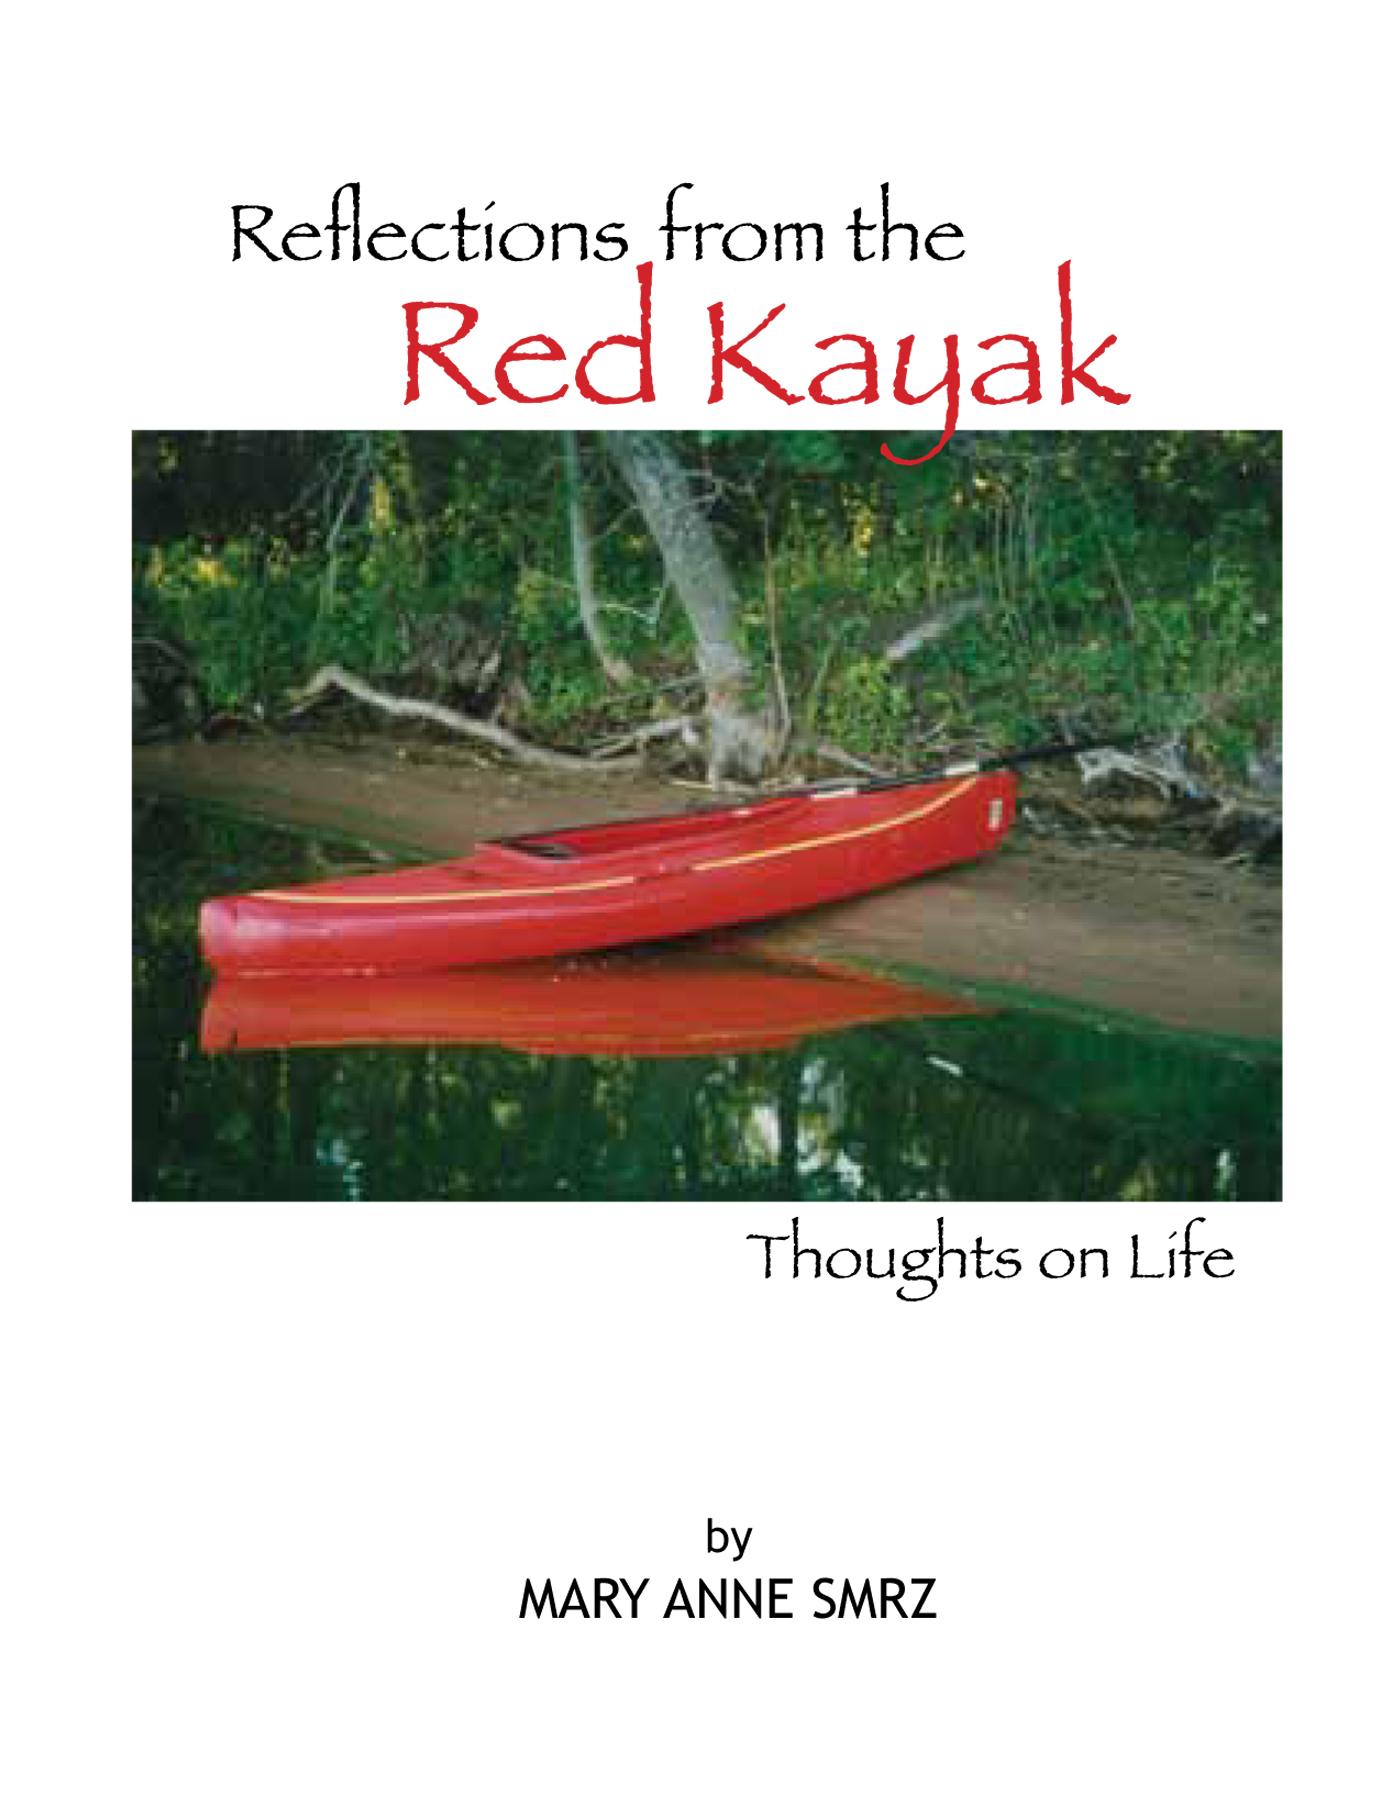 red kayak book essay